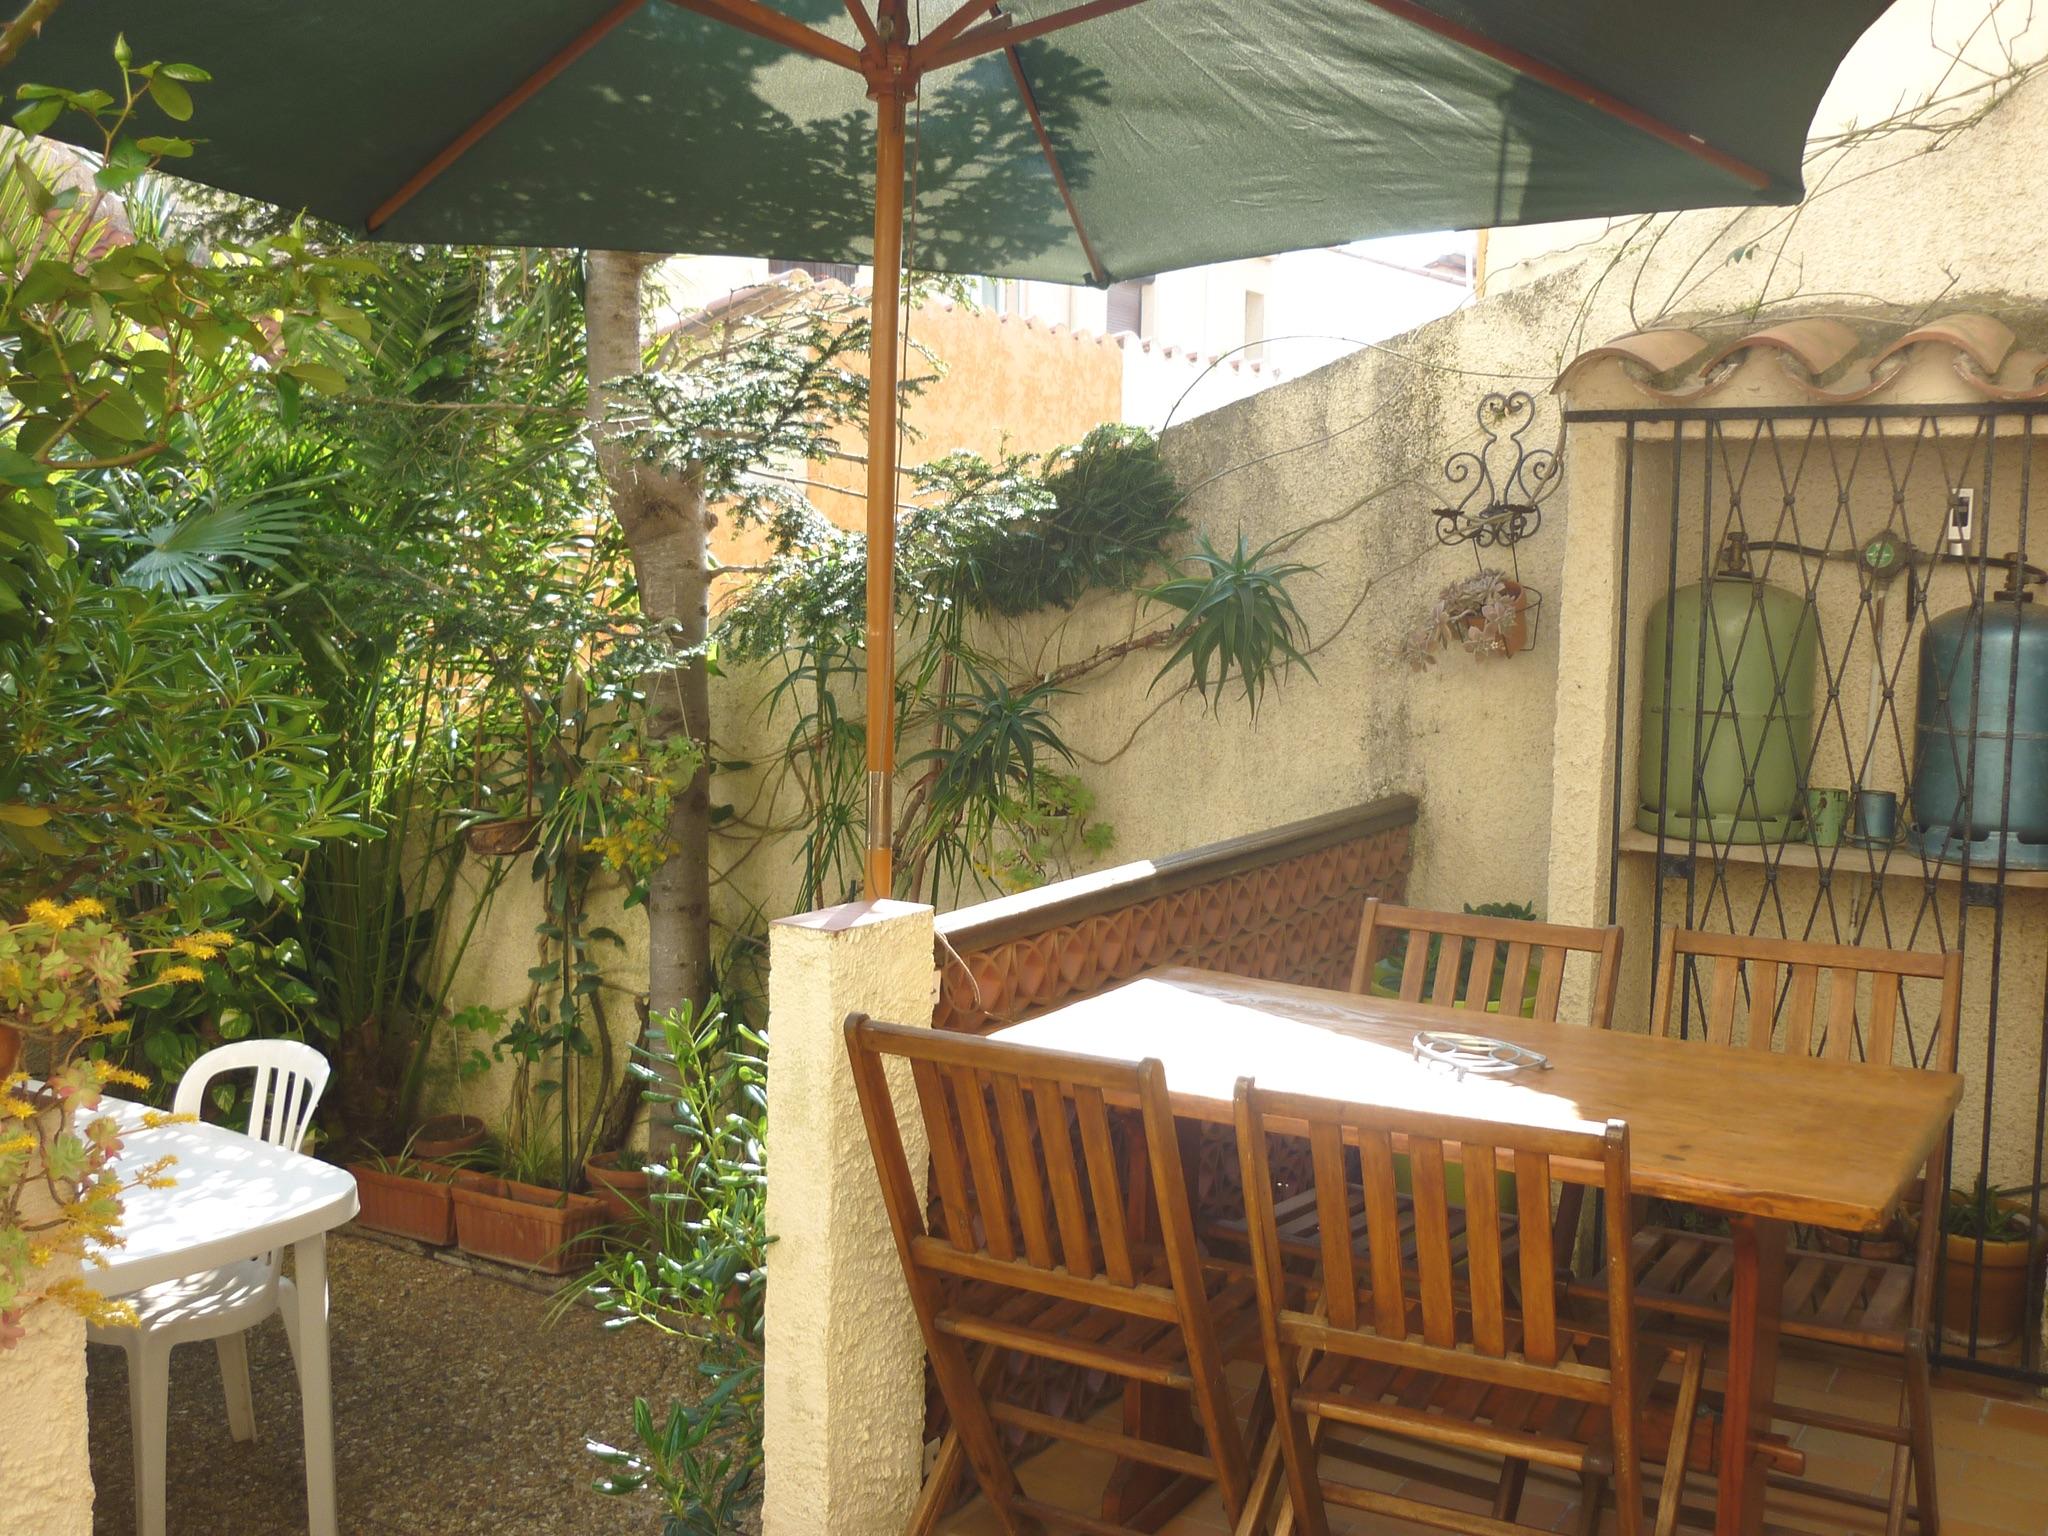 Ferienhaus Haus mit 2 Zimmern in Sainte-Marie mit eingezäuntem Garten - 150 m vom Strand entfernt (2202719), Sainte Marie la Mer, Mittelmeerküste Pyrénées-Orientales, Languedoc-Roussillon, Frankreich, Bild 1